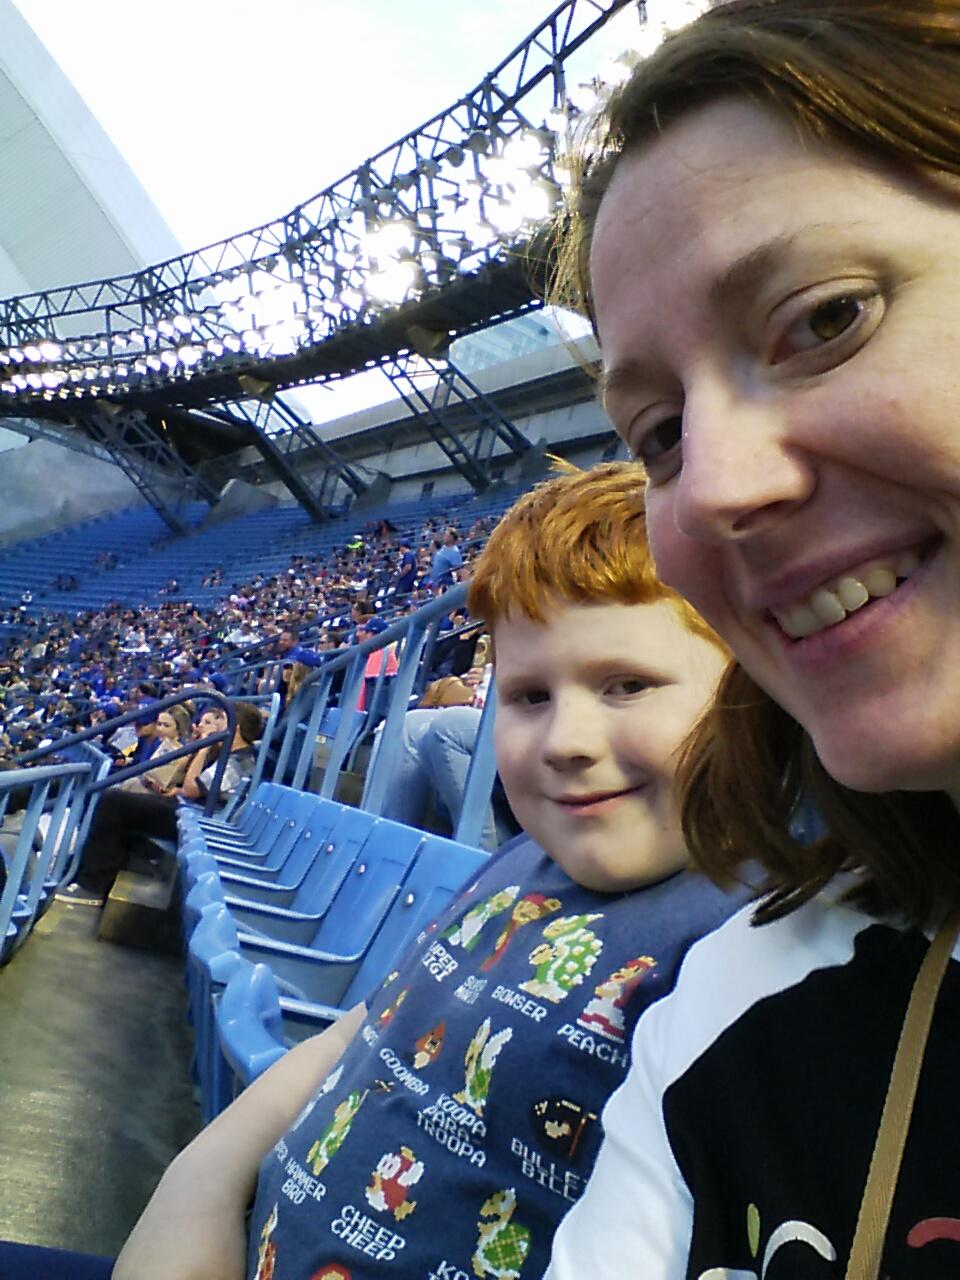 Us at the baseball game